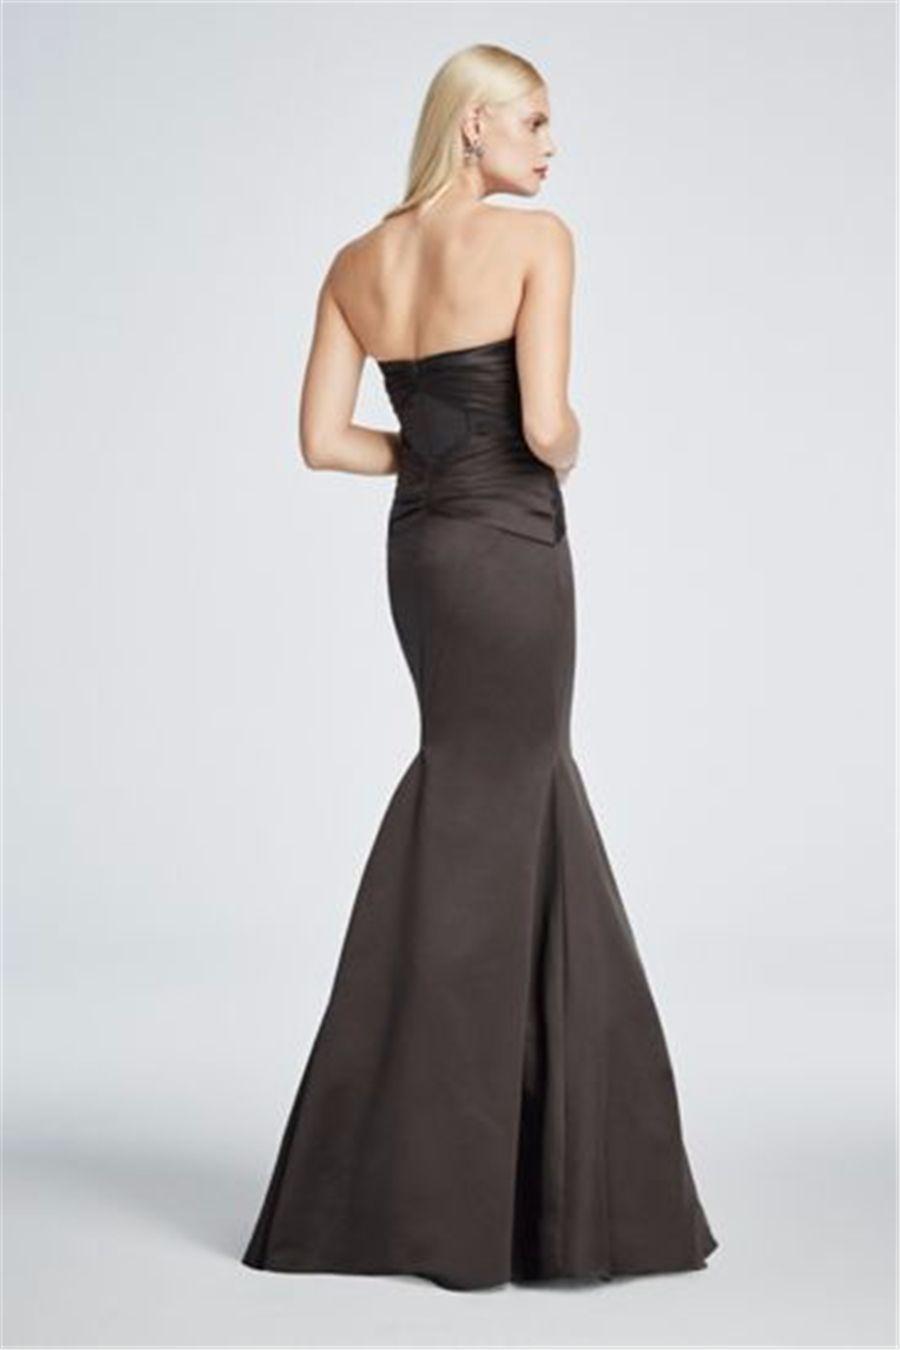 großhandel lange trägerlose satin fit und flare abendkleid zp285036  schwarze rüschen mieder mermaid abendkleid zurück zip party kleider von